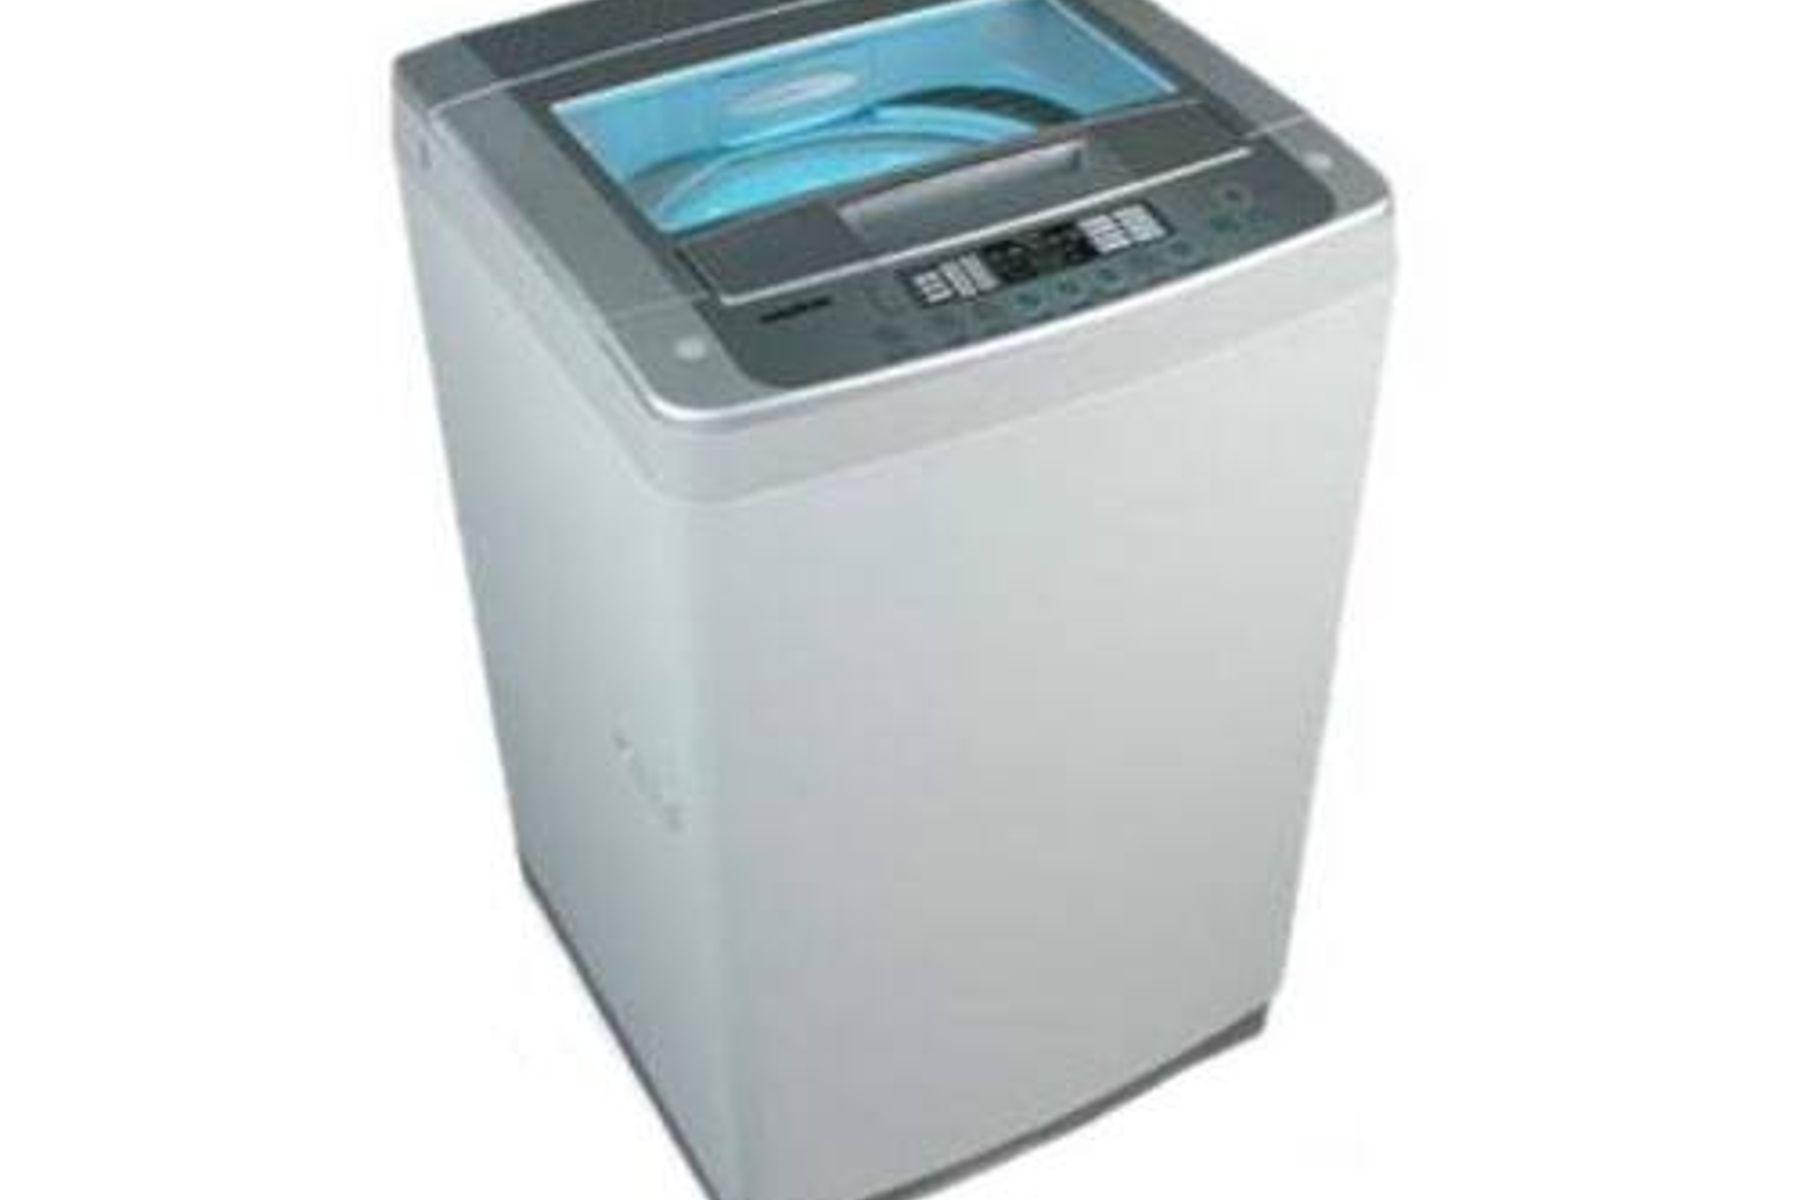 Kinh nghiệm chọn mua máy giặt từ chuyên gia